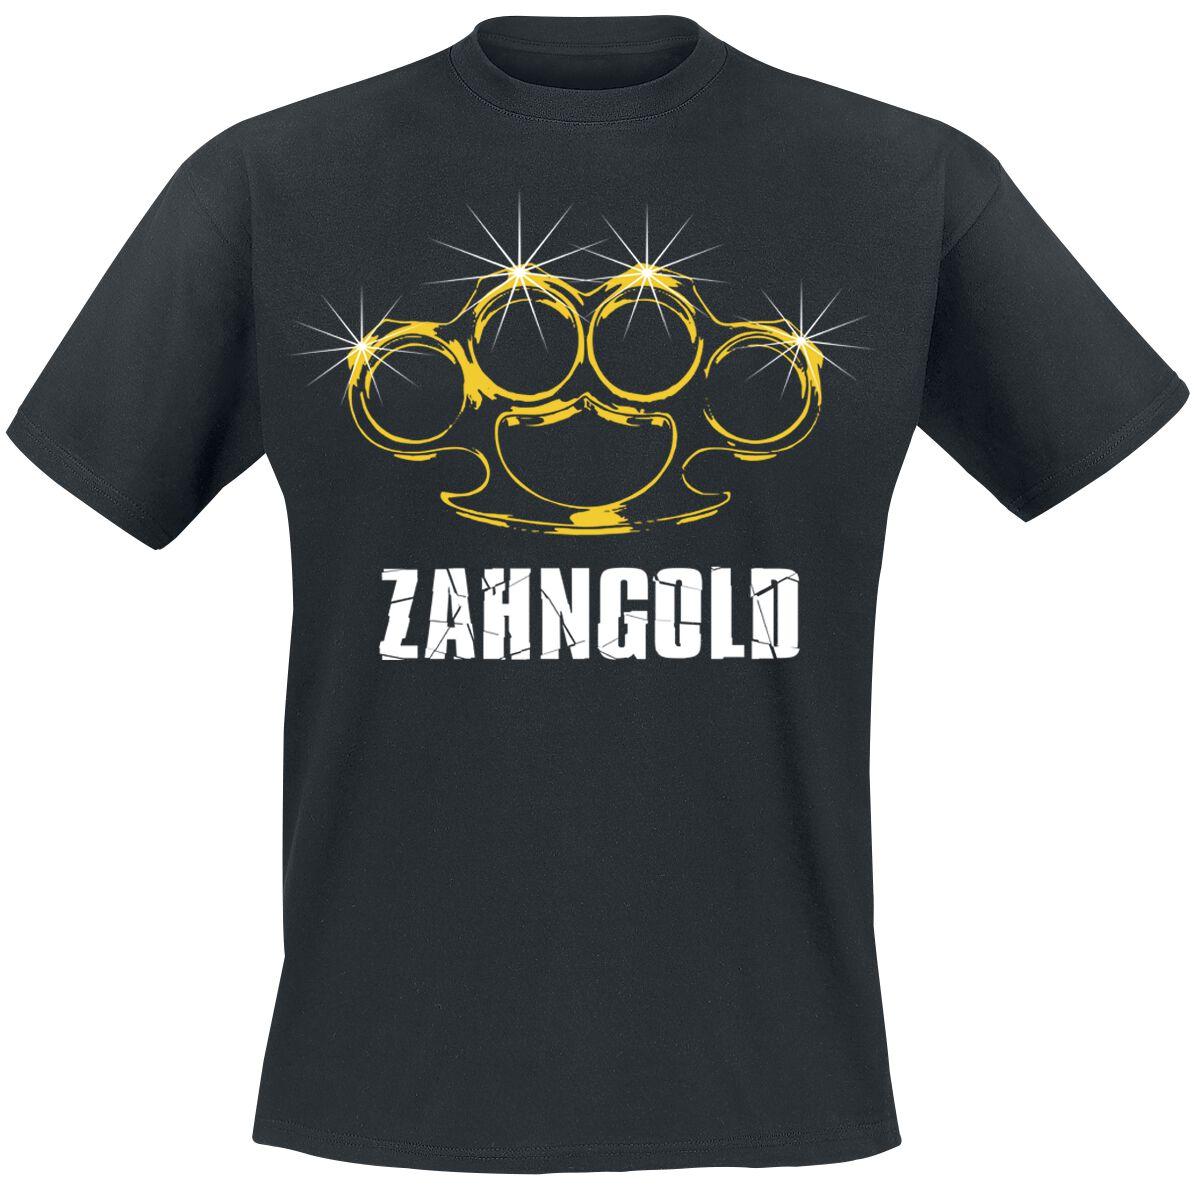 Zahngold T-Shirt schwarz POD - Gildan 64000 - Zahngold